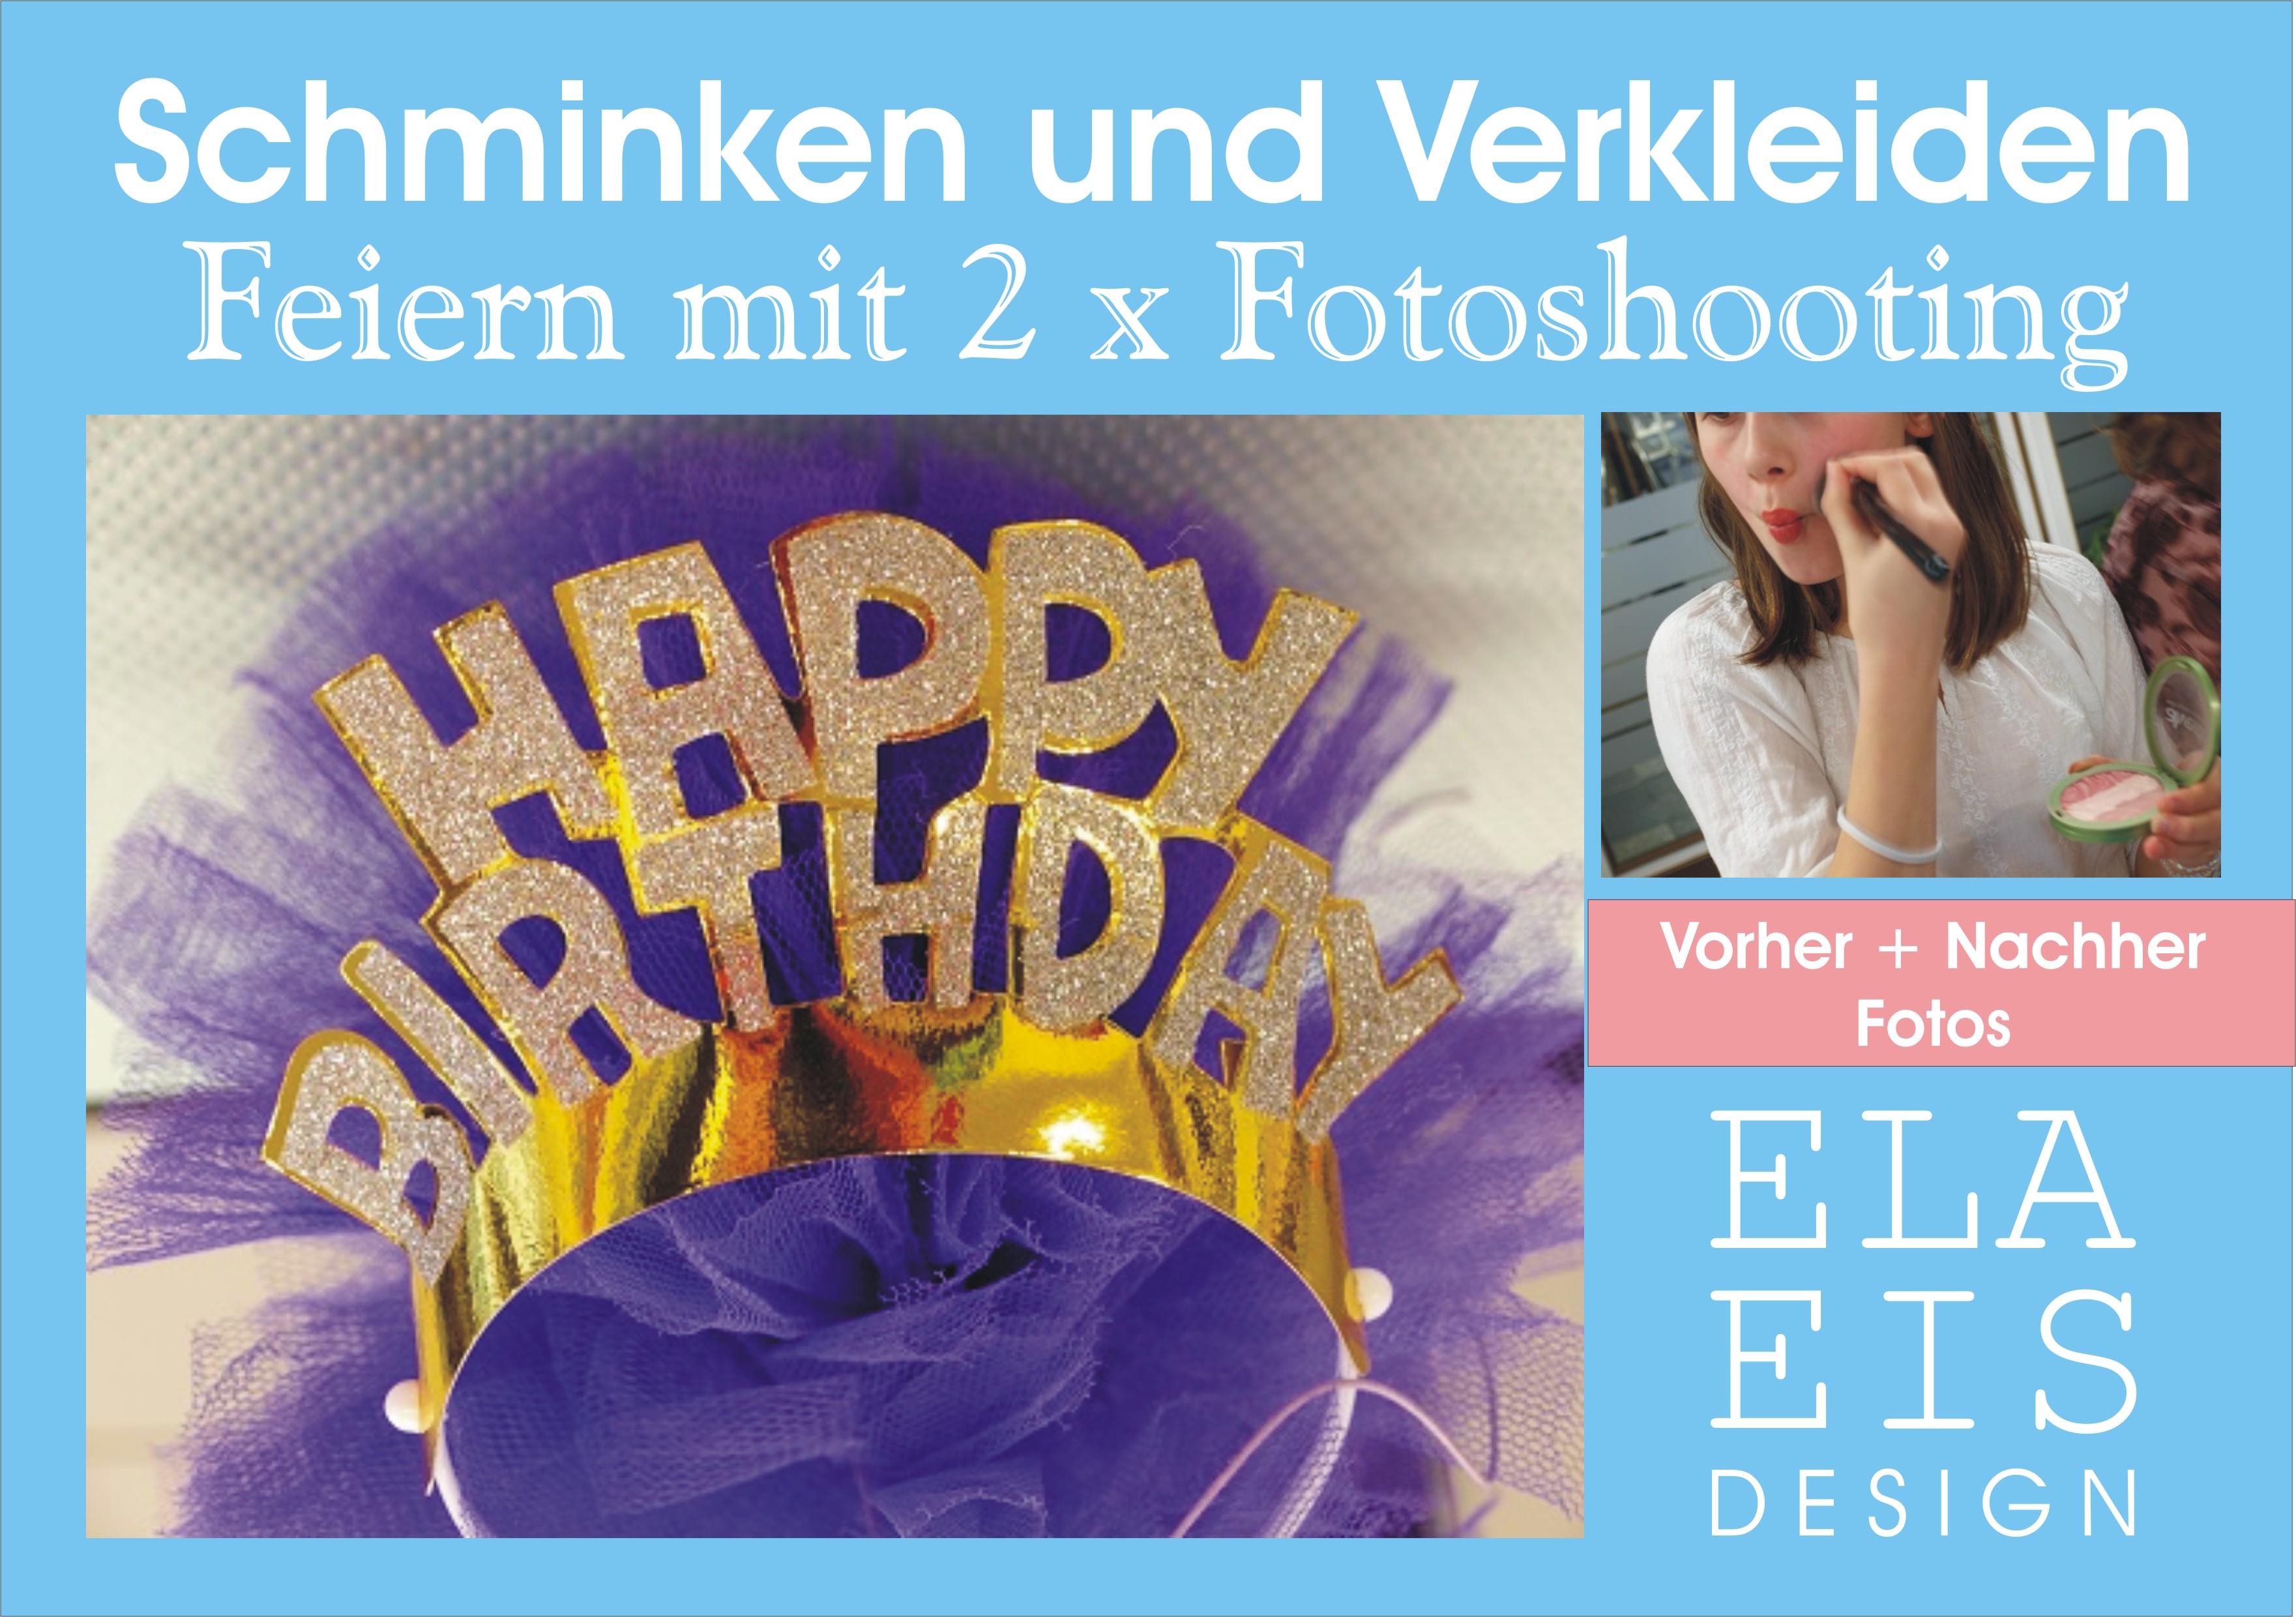 Teenagergeburtstag Schmink Party Mit Fotoshooting